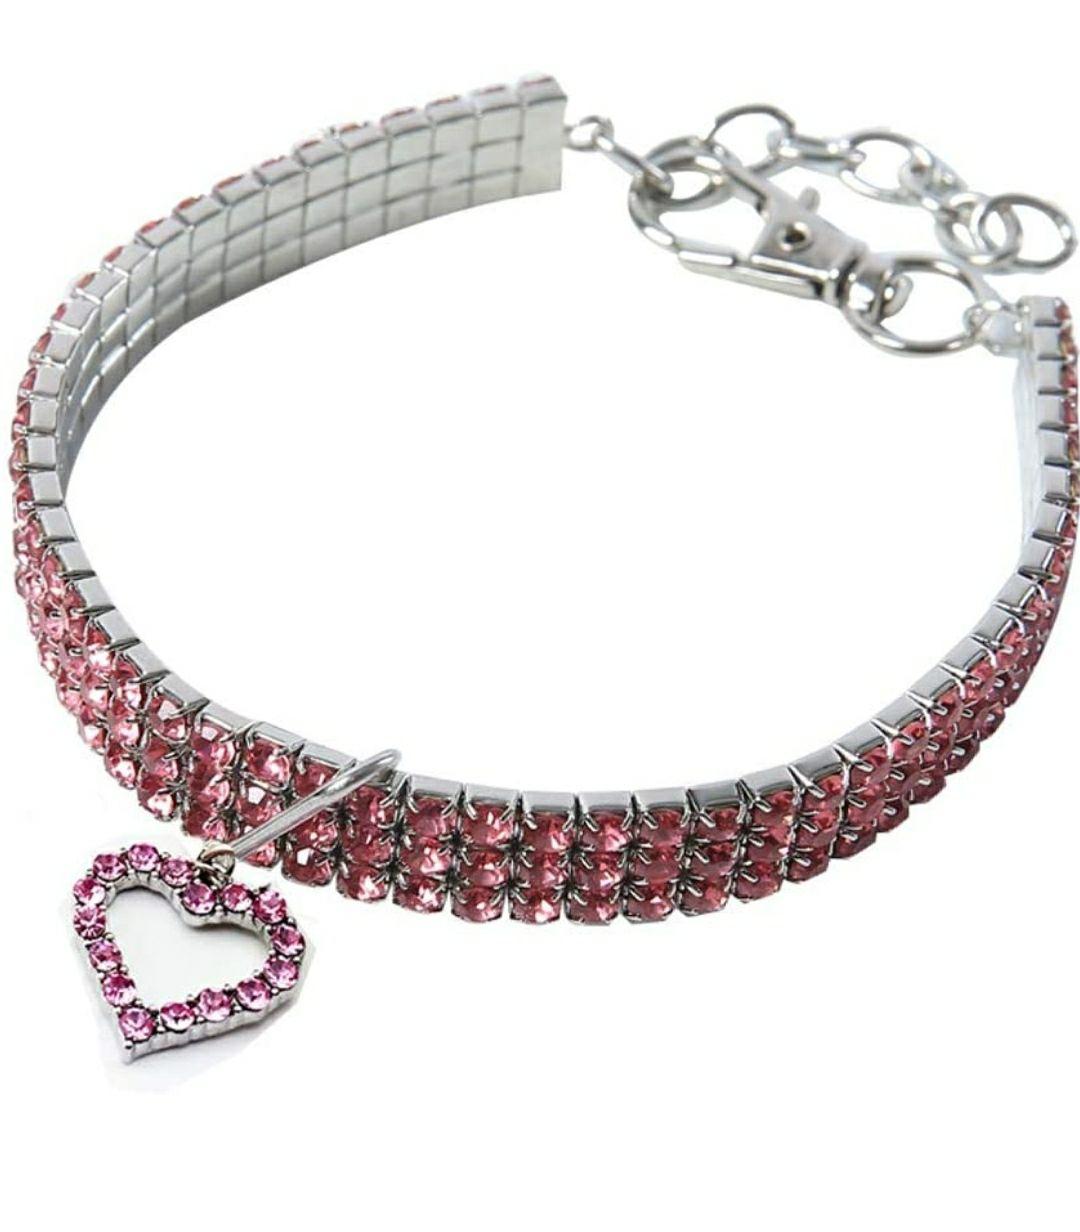 TALLA L (30cm) - Collar para Mascota con diseño de Oso BT, con Cristales Brillantes, elástico, Collar para Gatos y Perros